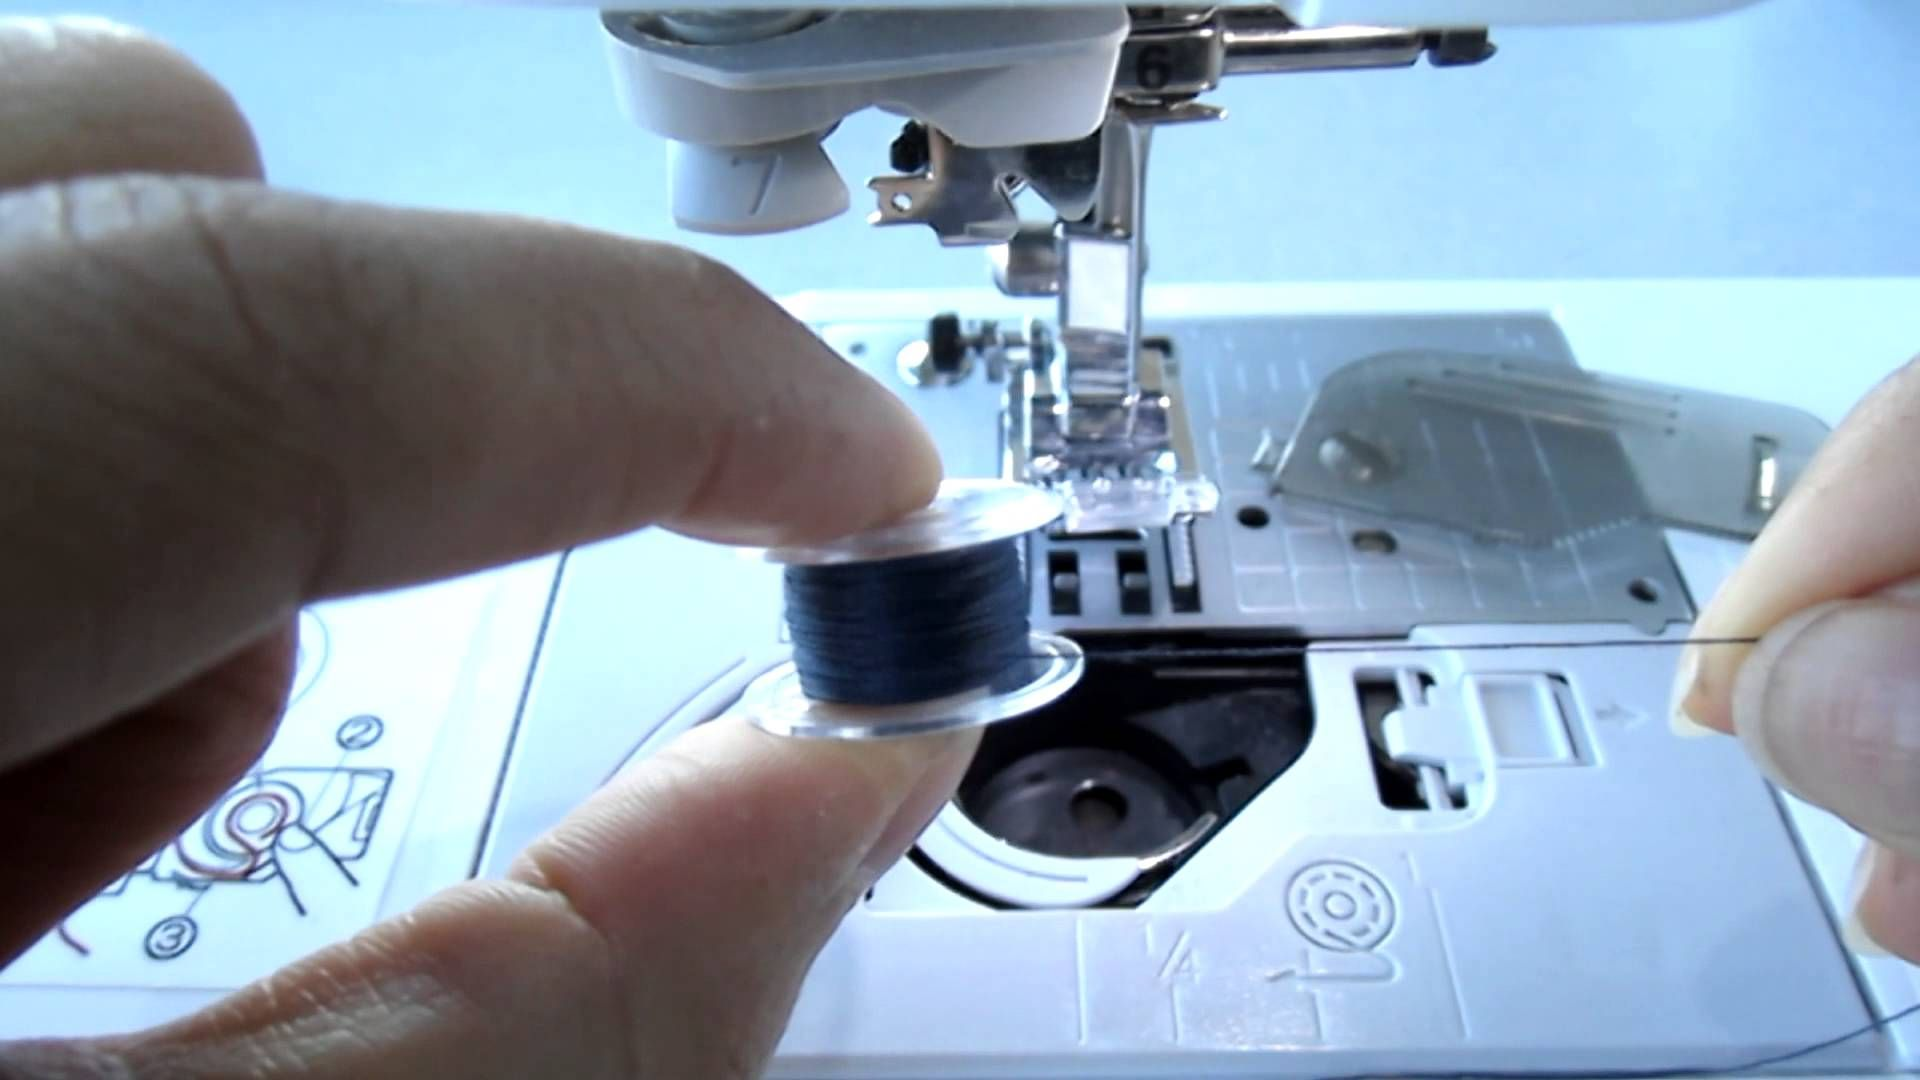 Como Poner El Carrete En La Bobina De La Maquina De Coser Maquina De Coser Curso Maquina De Coser Enhebrar Maquina De Coser